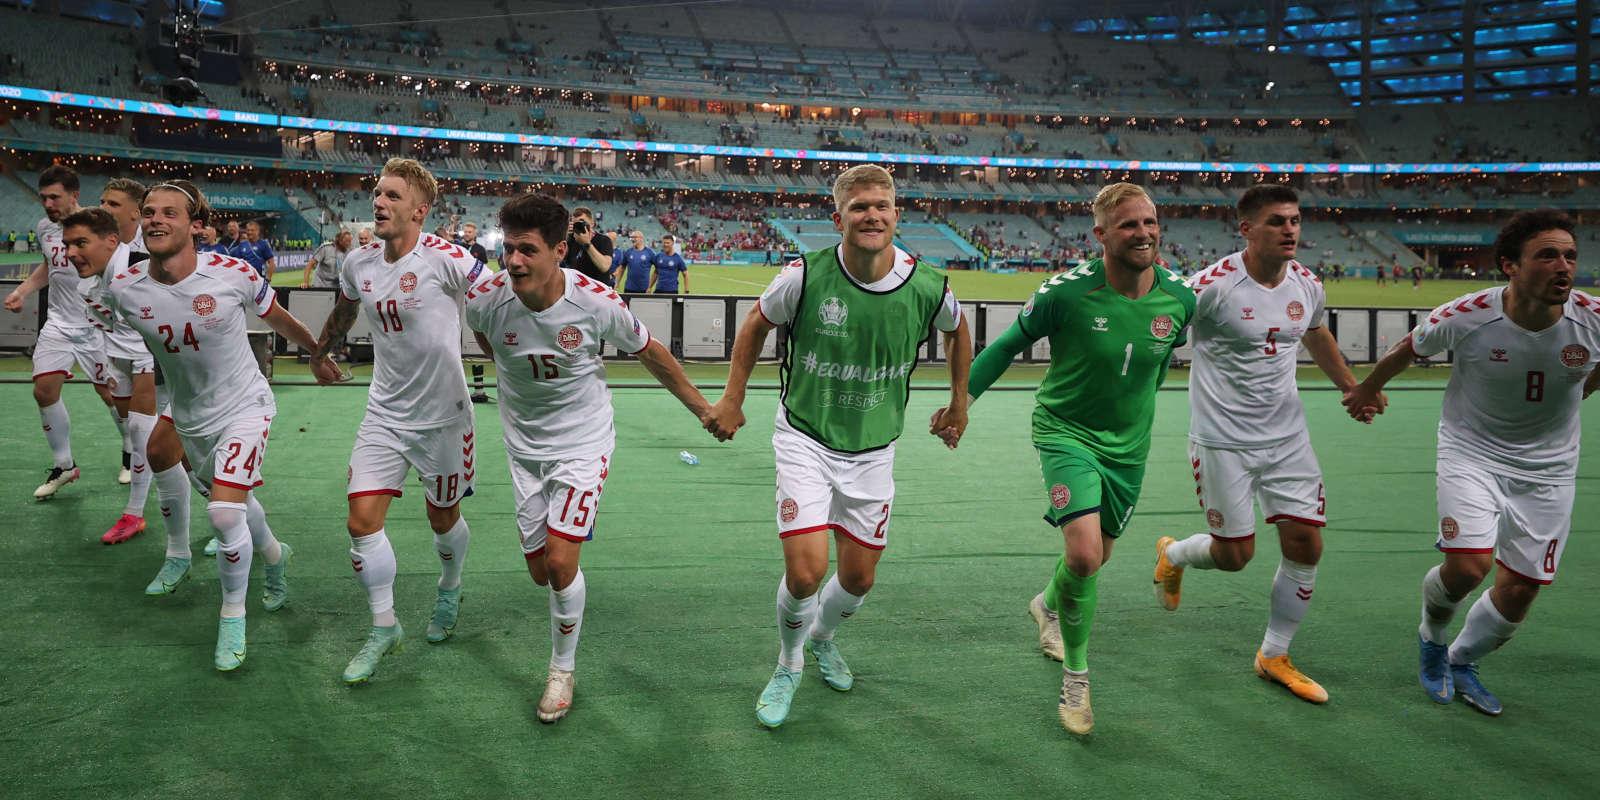 La joie des joueurs danois qui, malgré deux défaites en phase de groupes, se sont extirpéspour se qualifier, samedi 3 juillet à Bakou, contre la République tchèque (2-1) pour les demies-finales de l'Euro.